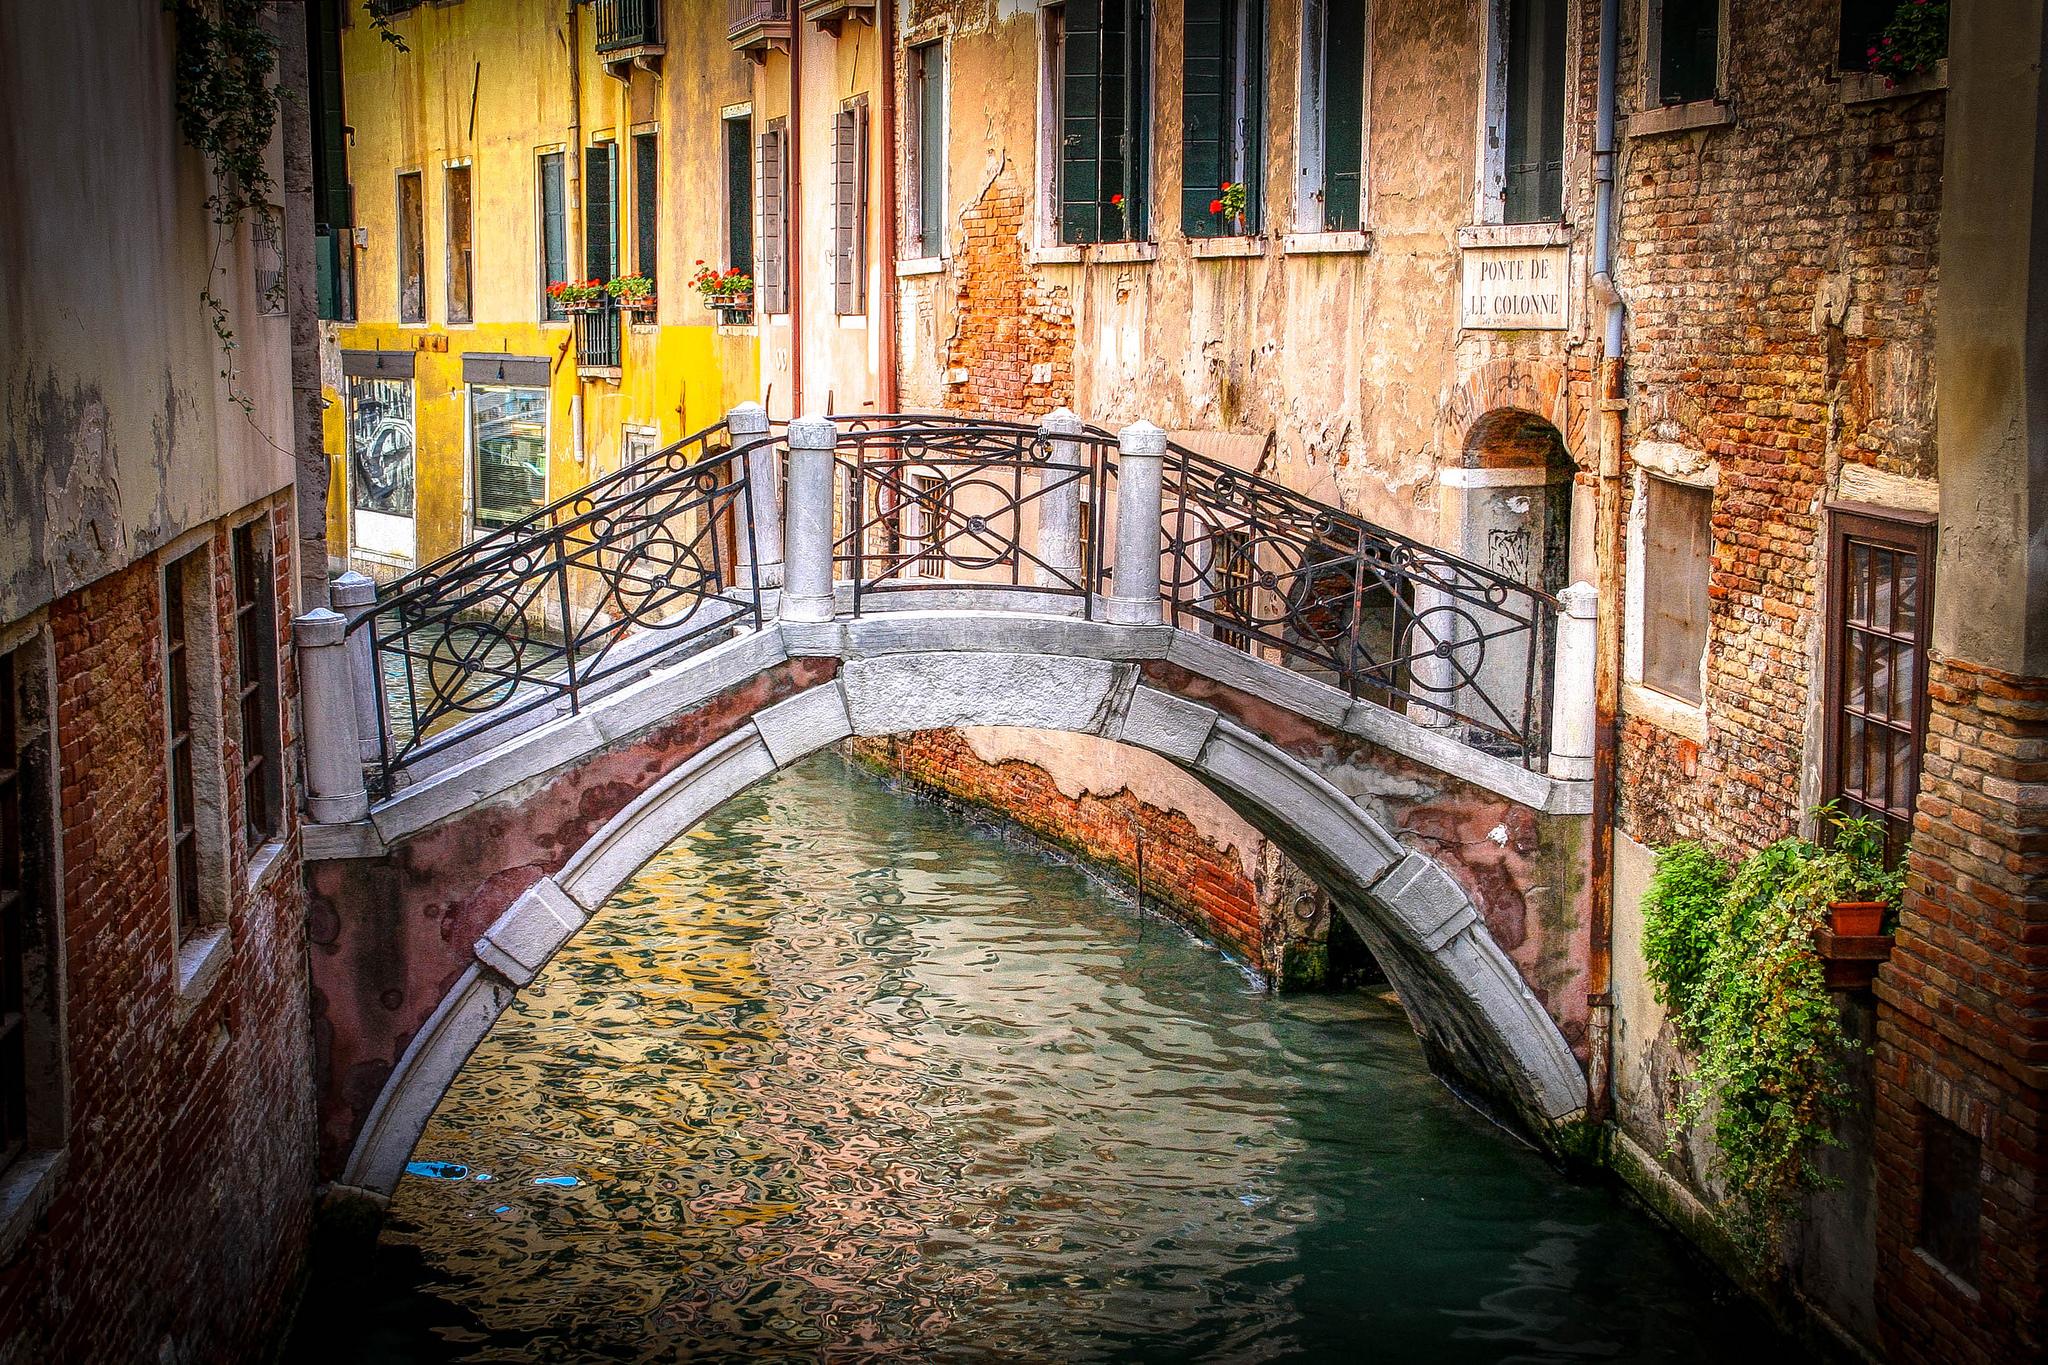 Venetian Bridge. Photo credit: Mike Beales.